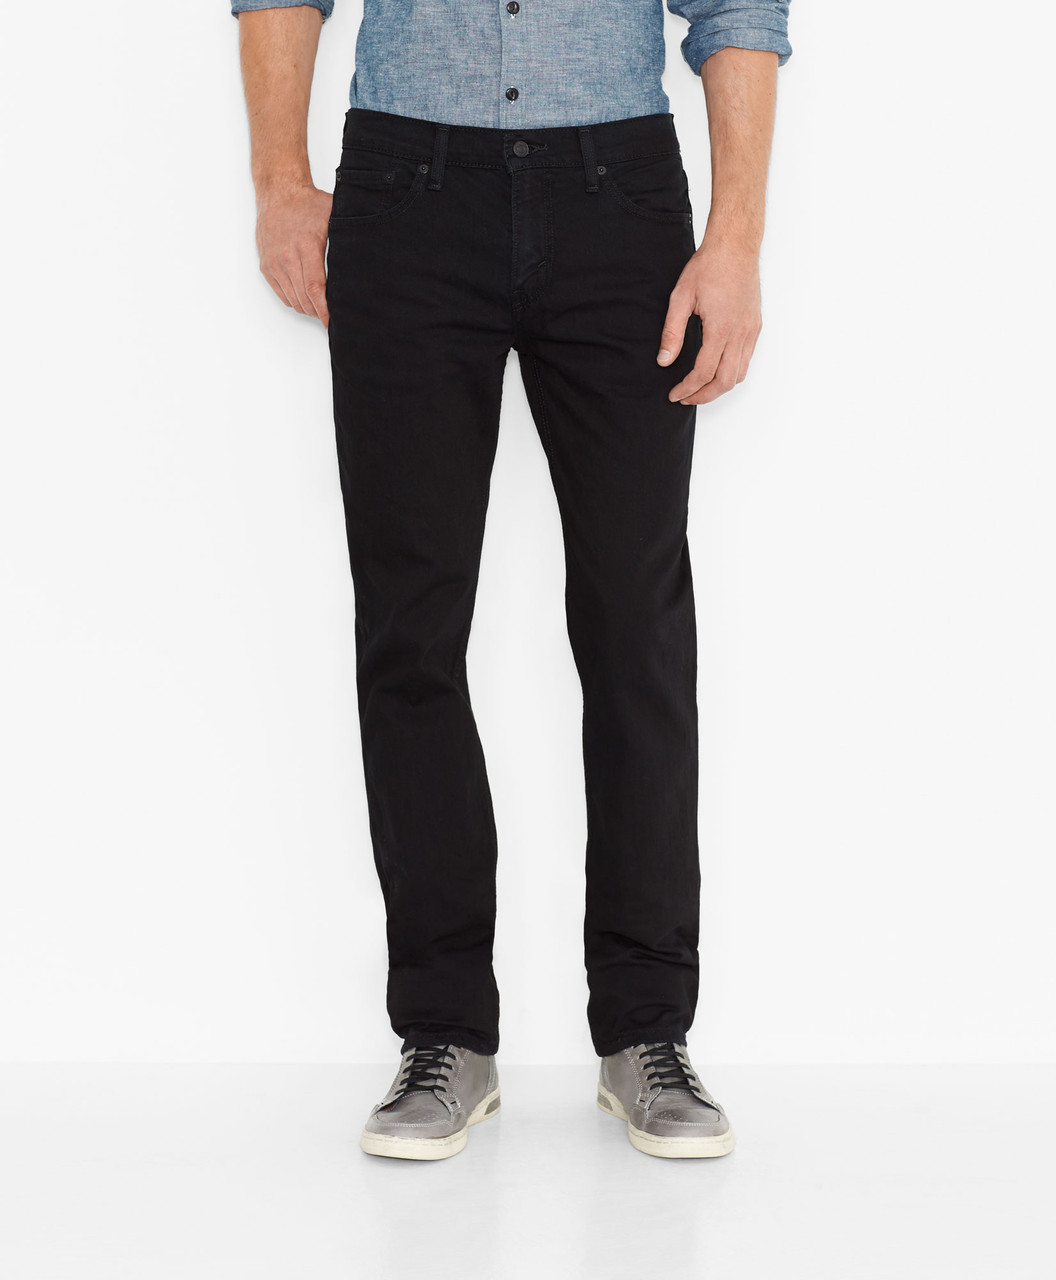 9f2e0bd09e1 «Мужские Джинсы Levis 511™ Slim Fit Jeans (Black Stretch) Черные ... » —  карточка пользователя vsnv2017 в Яндекс.Коллекциях